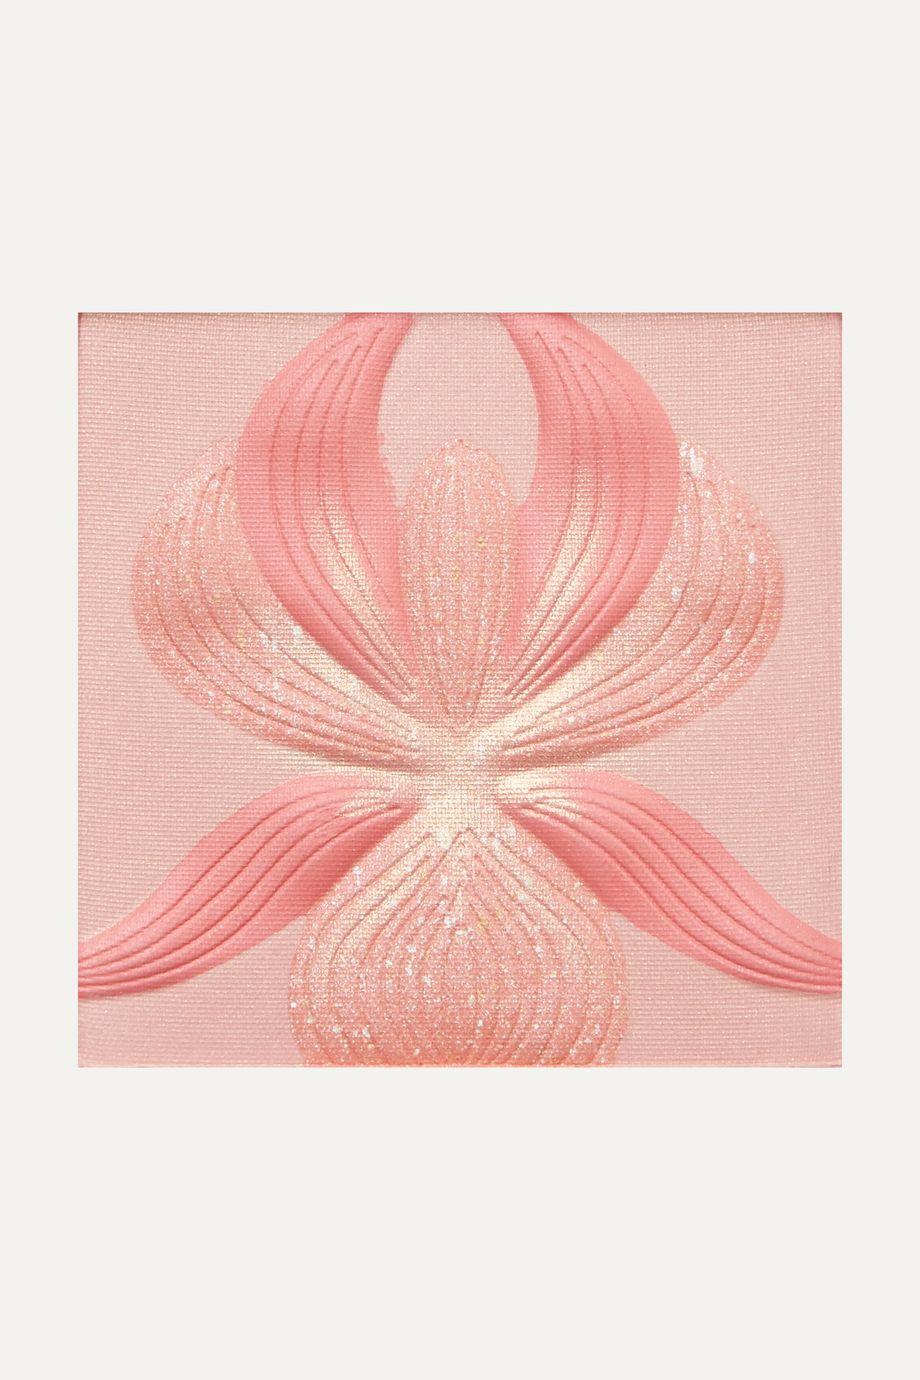 Sisley Blush enlumineur, L'Orchidée Corail No.3